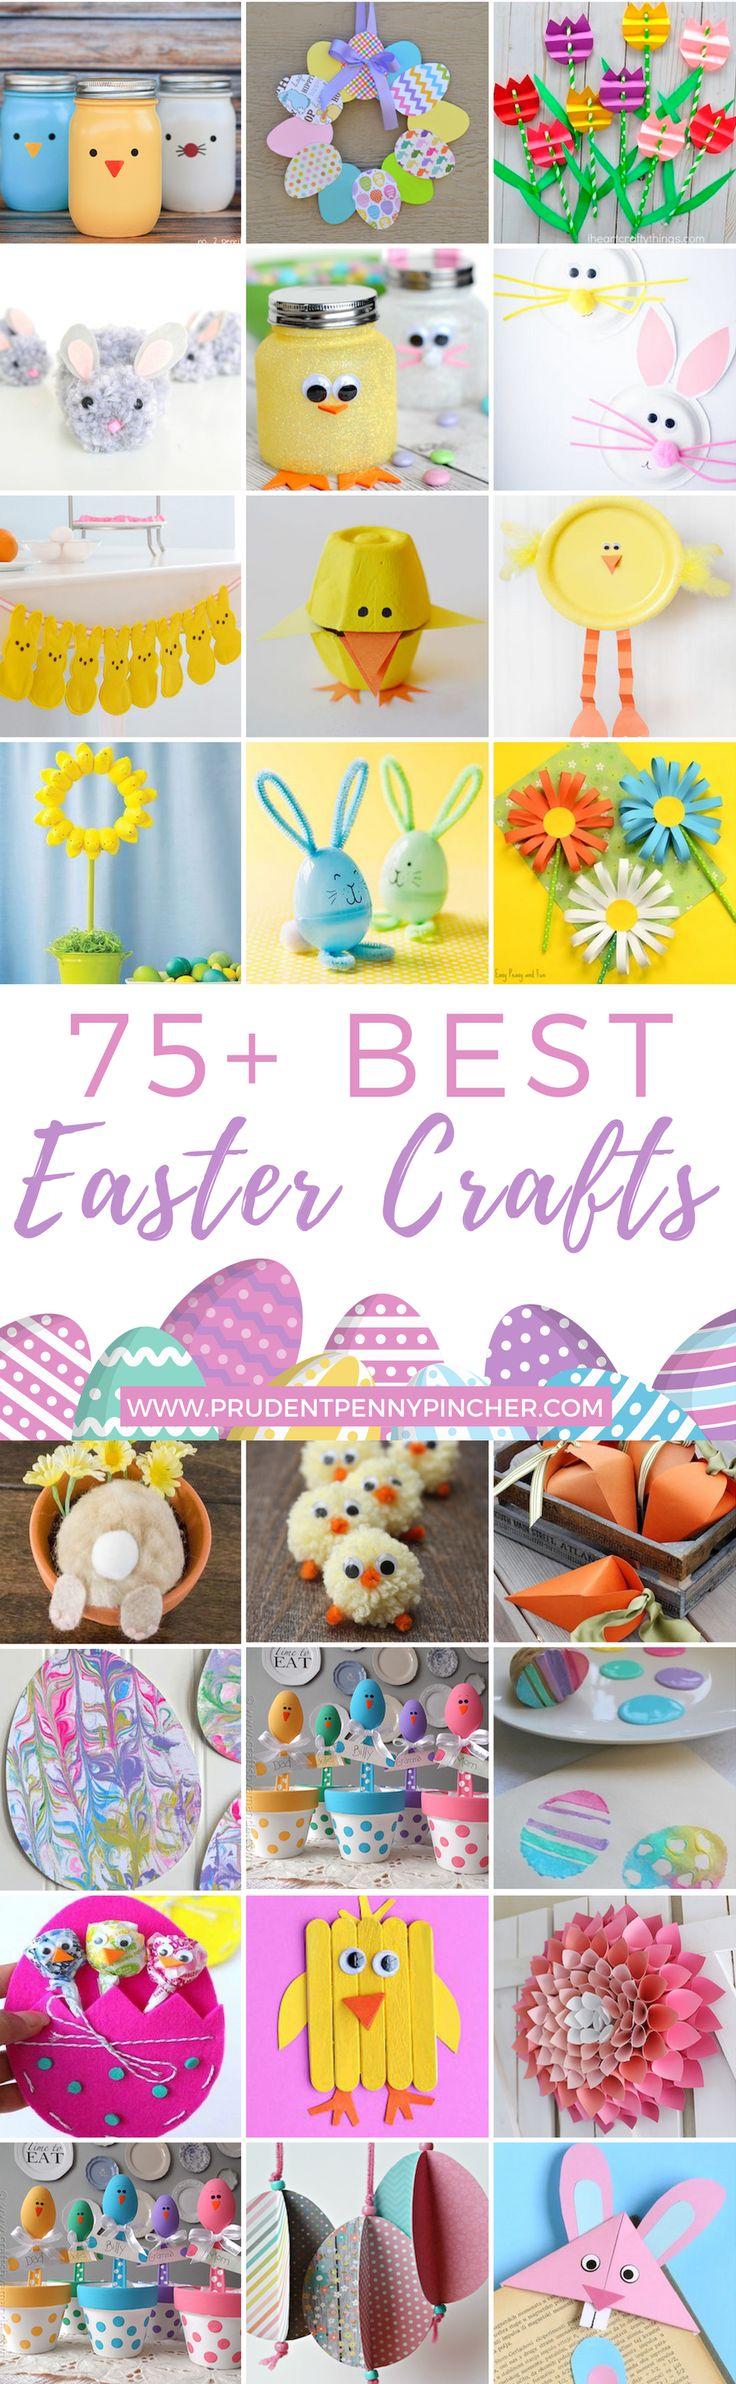 75 Best Easter Crafts